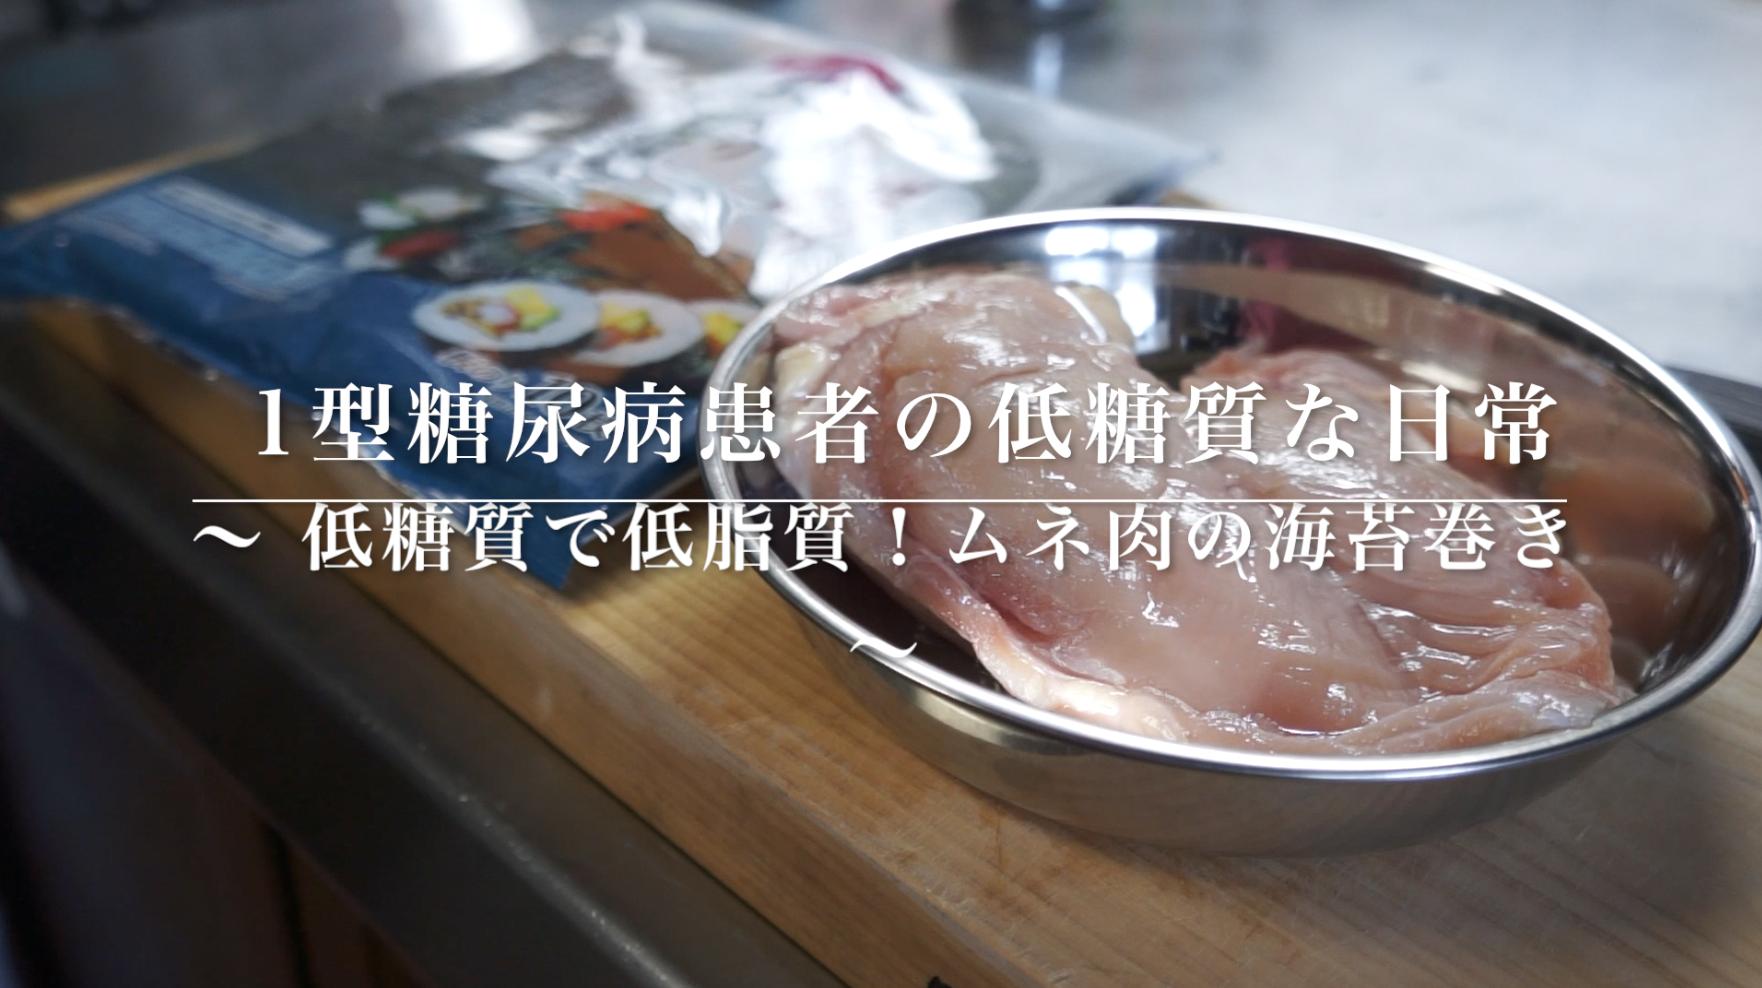 海苔巻き 鶏胸肉